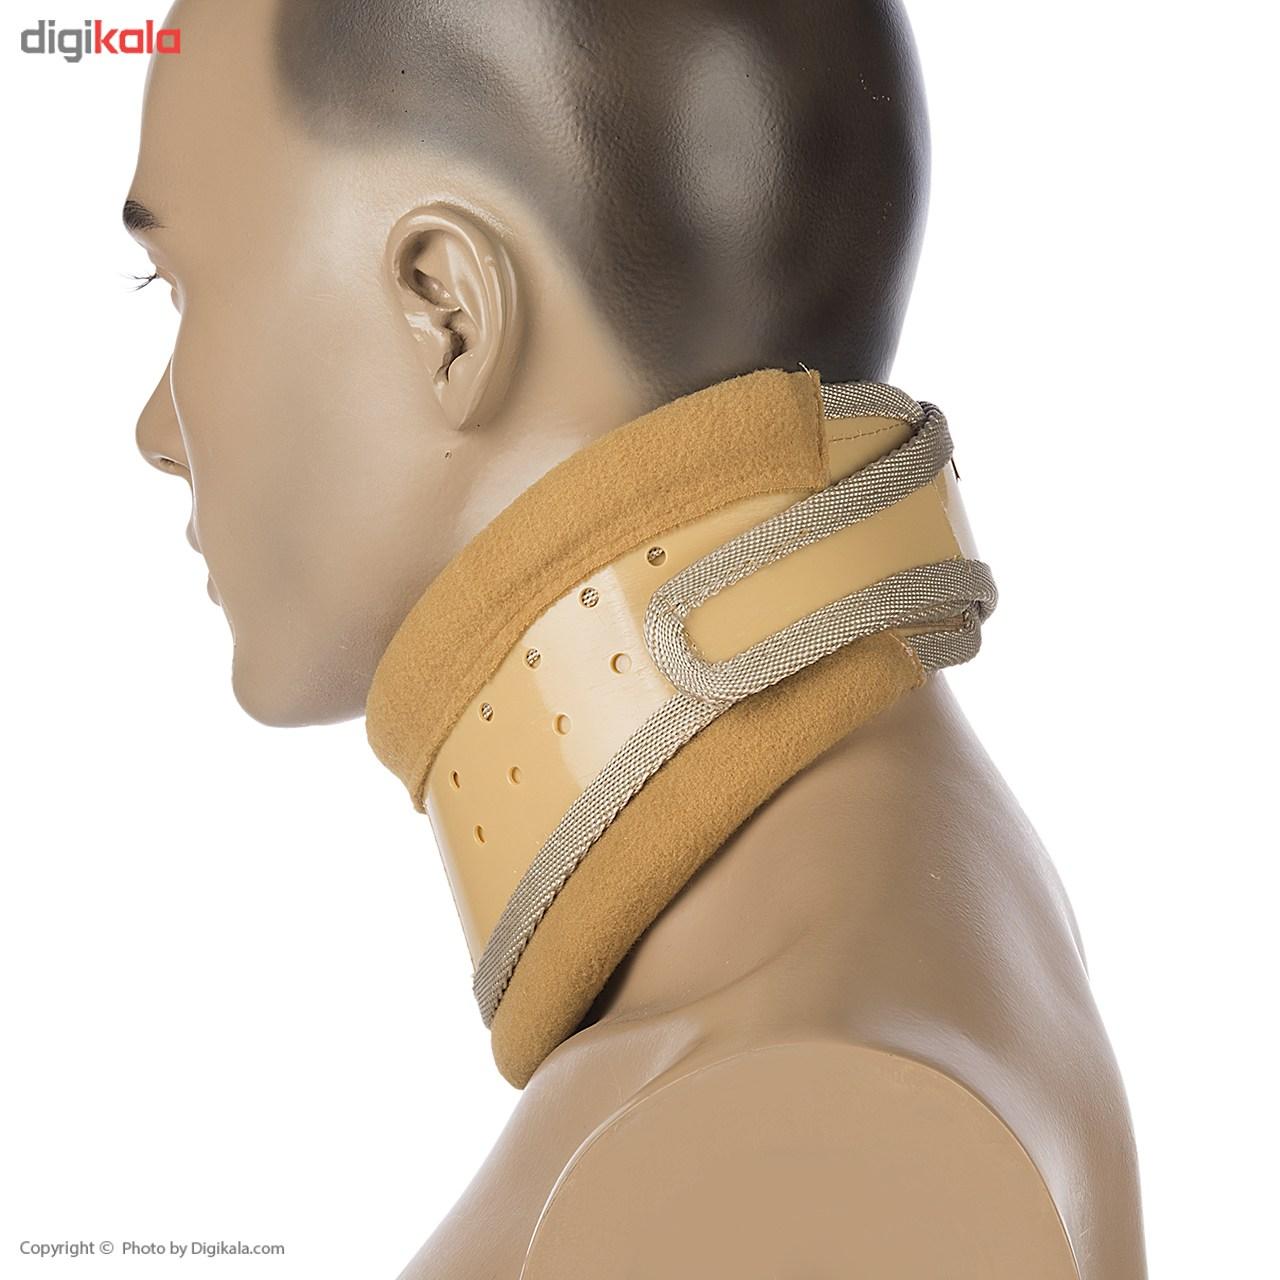 گردن بند طبی پاک سمن مدل Hard سایز متوسط